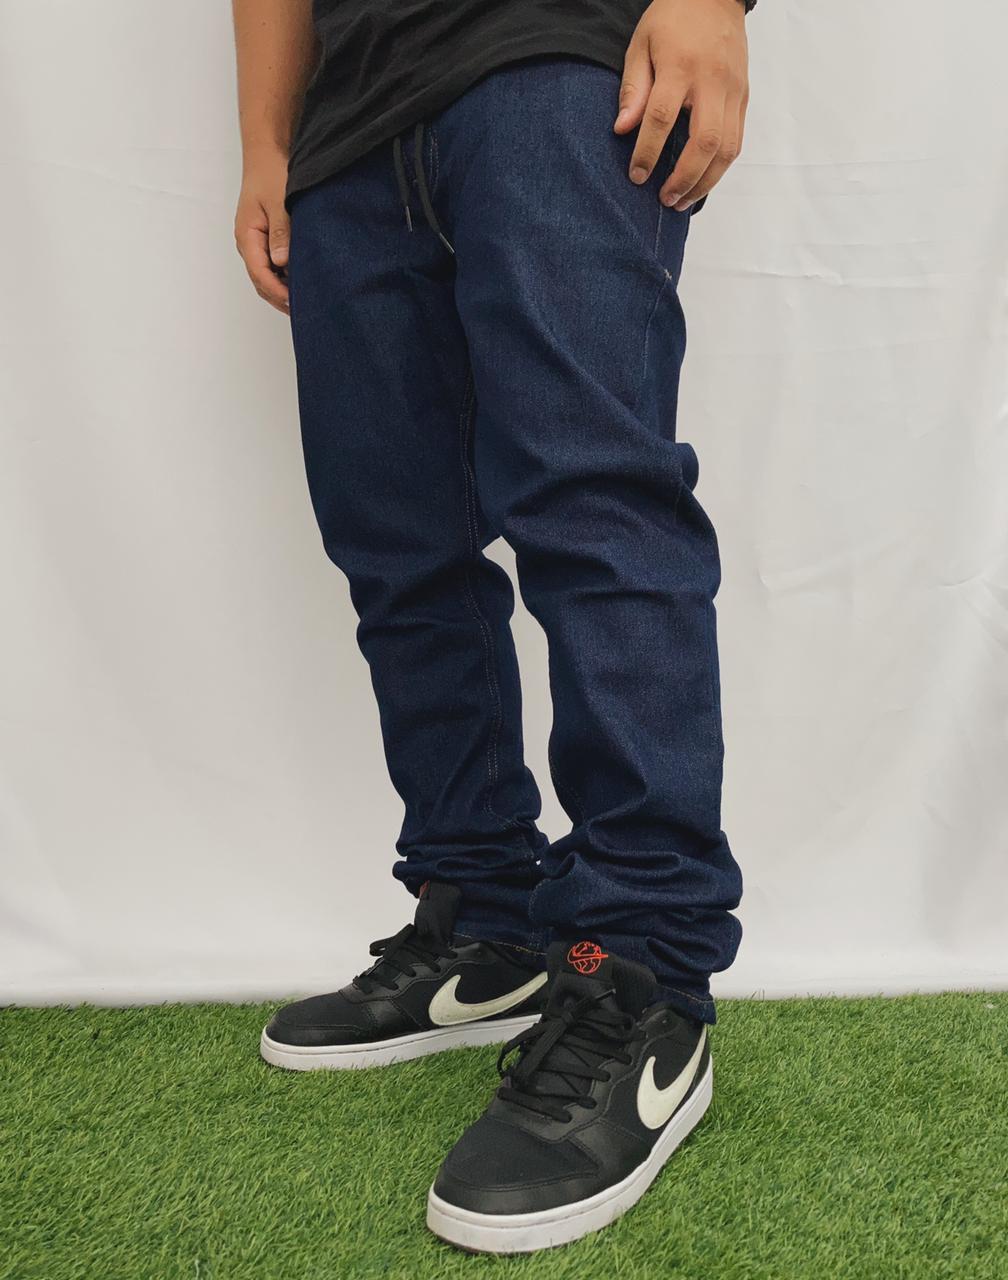 Calça element jeans essentials marinho